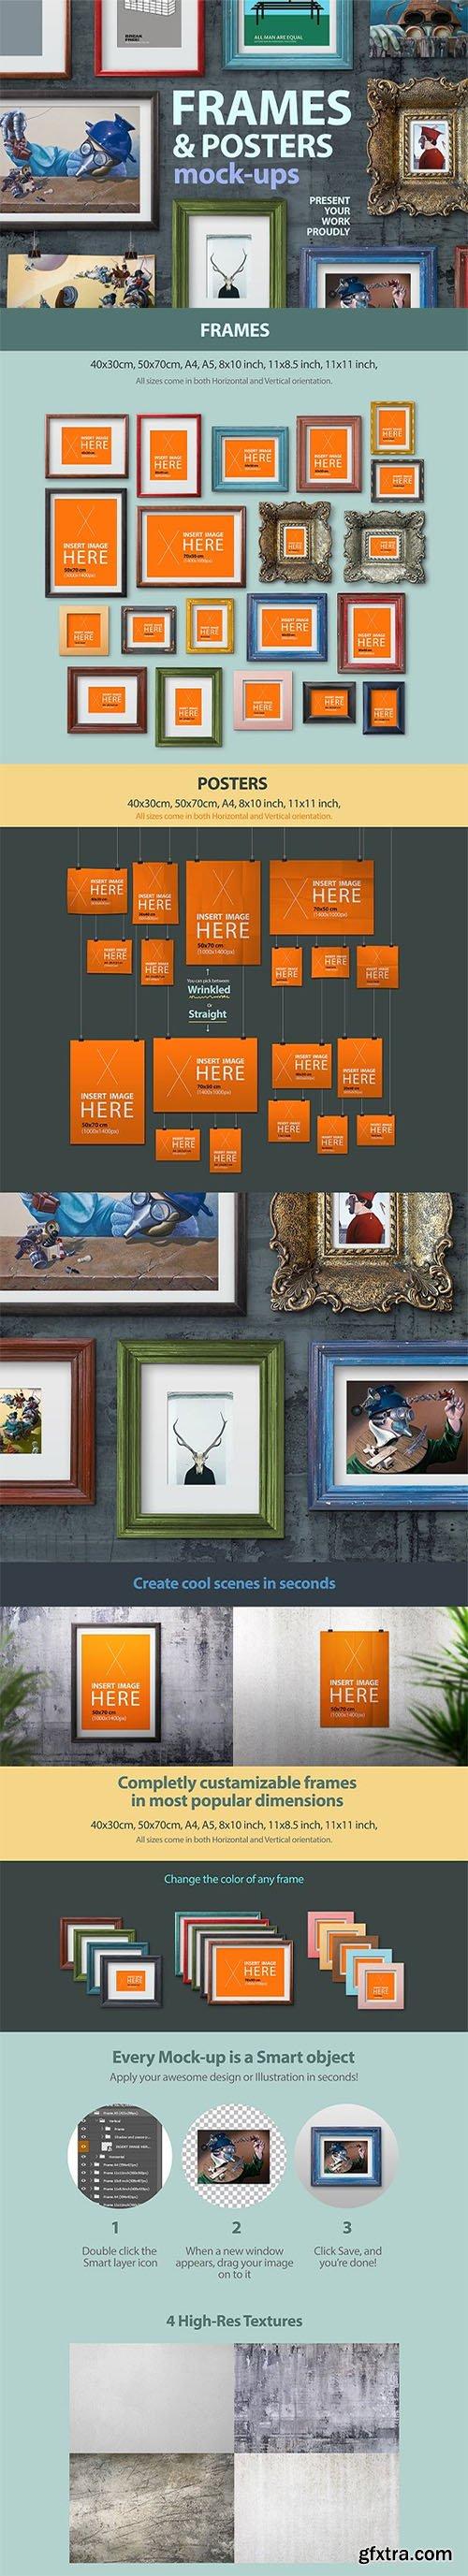 Frames and poster mock-ups - CM 1147234